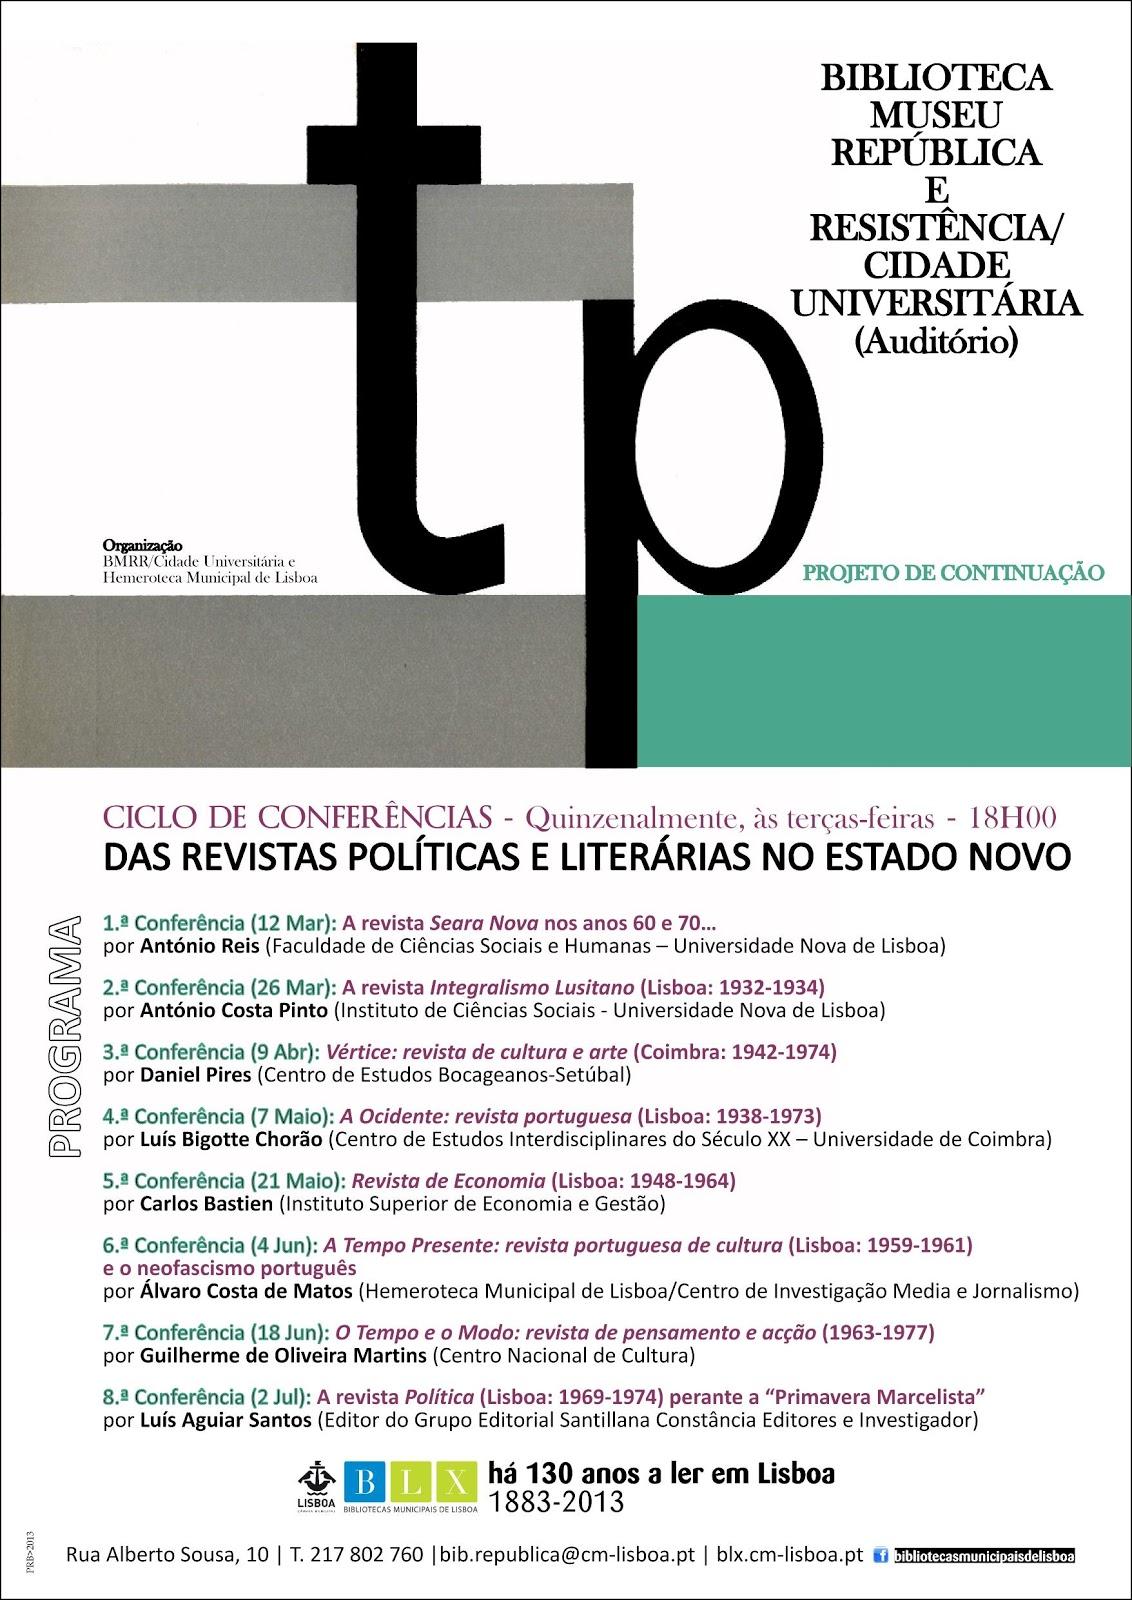 Revistas Politicas Literarias Estado Novo_Ciclo conferencias_BMRR_Hemeroteca LX